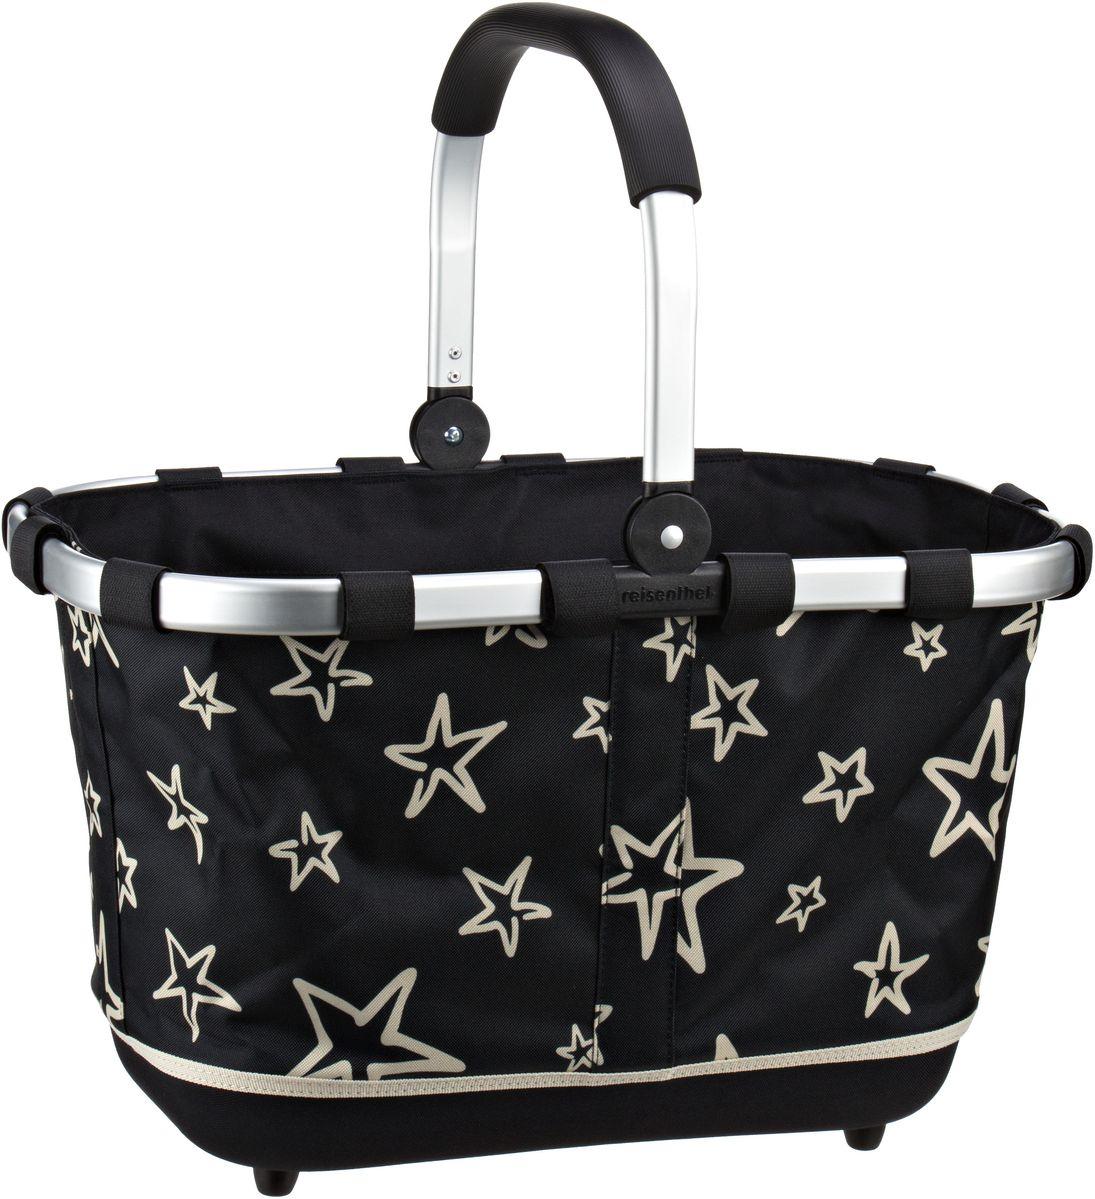 reisenthel carrybag 2 Stars - Einkaufstasche Sale Angebote Haasow